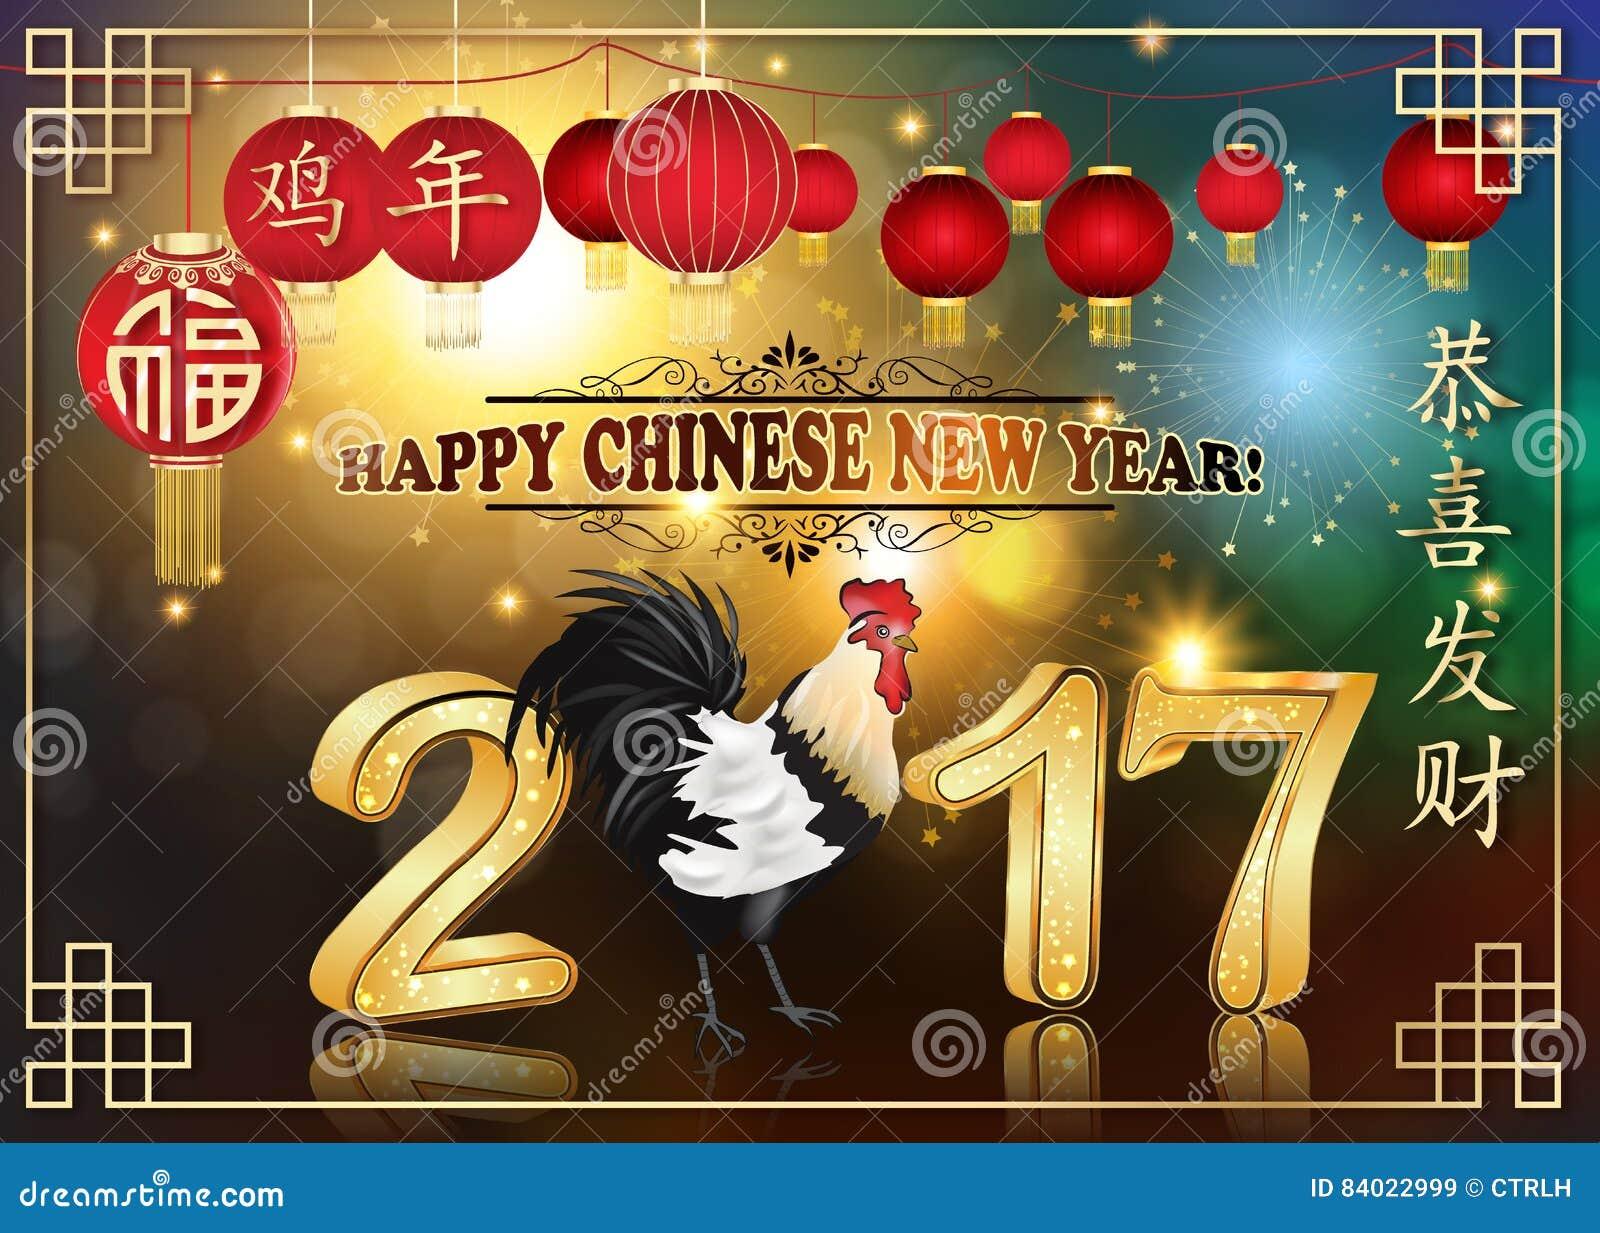 Κινεζικό νέο έτος κόκκορα 2017 - υπόβαθρο σπινθηρίσματος